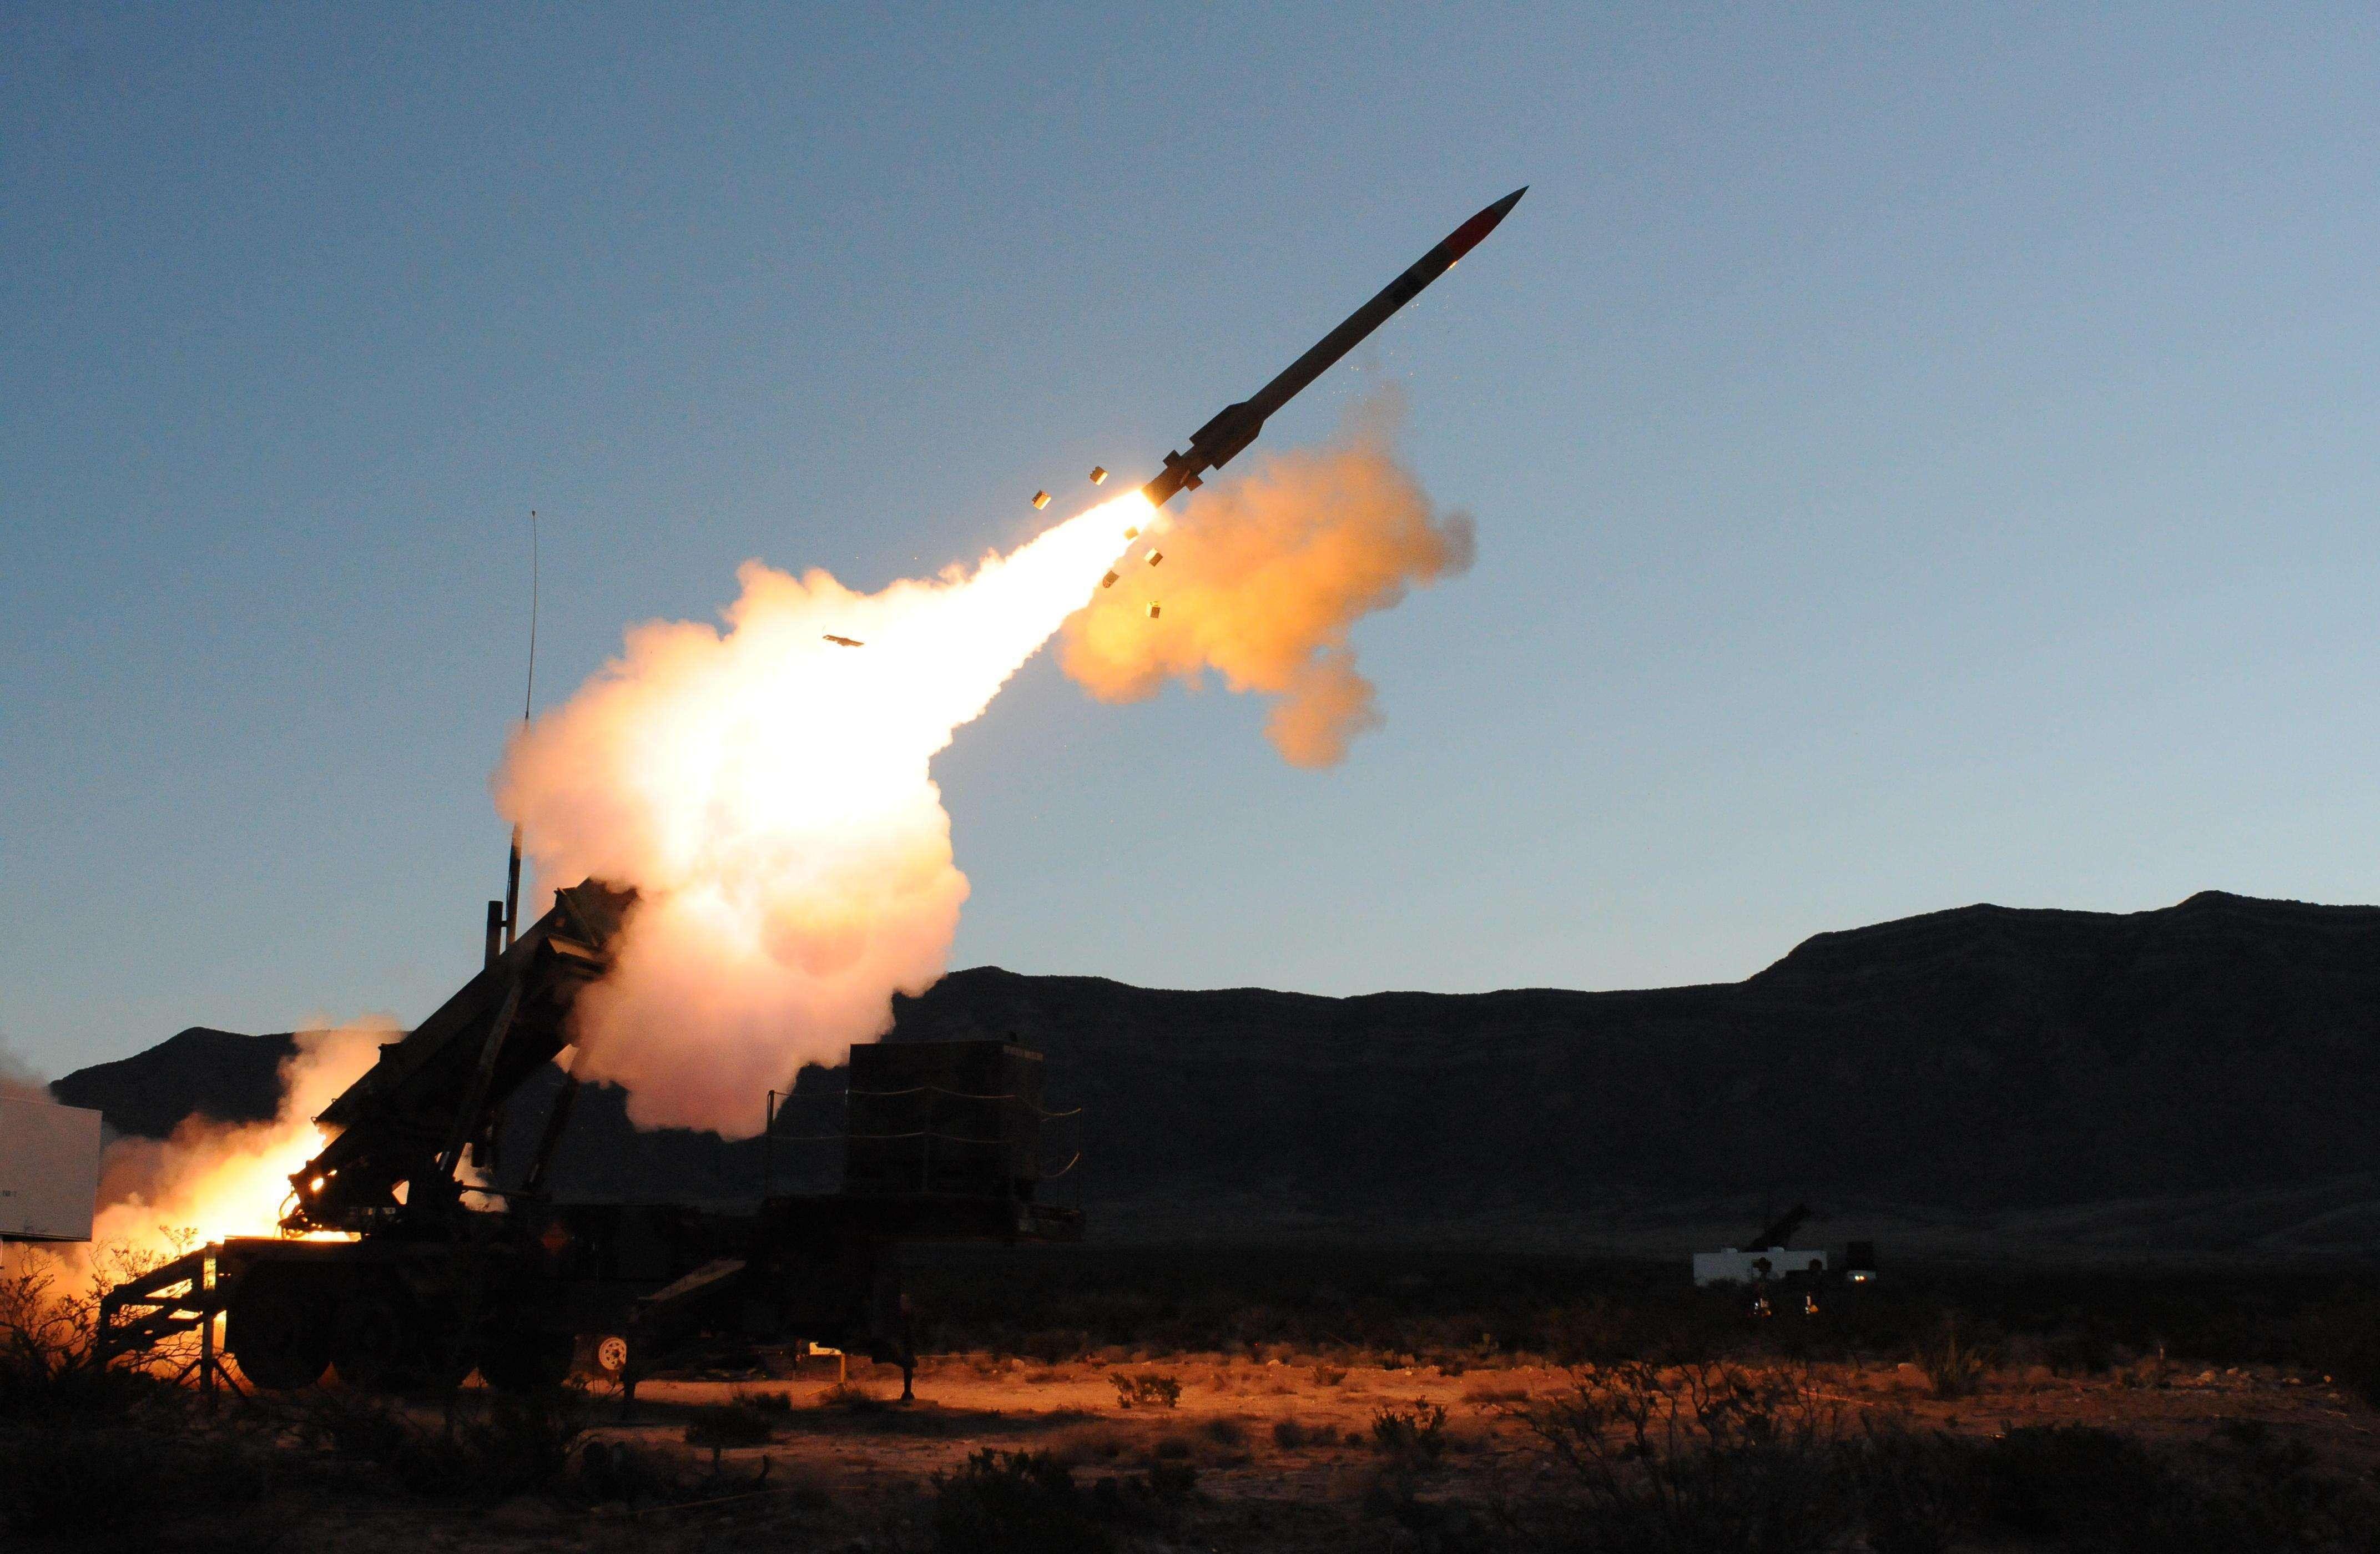 伊朗无人机突袭军事基地,美国情报员被炸死,军火库发生爆炸